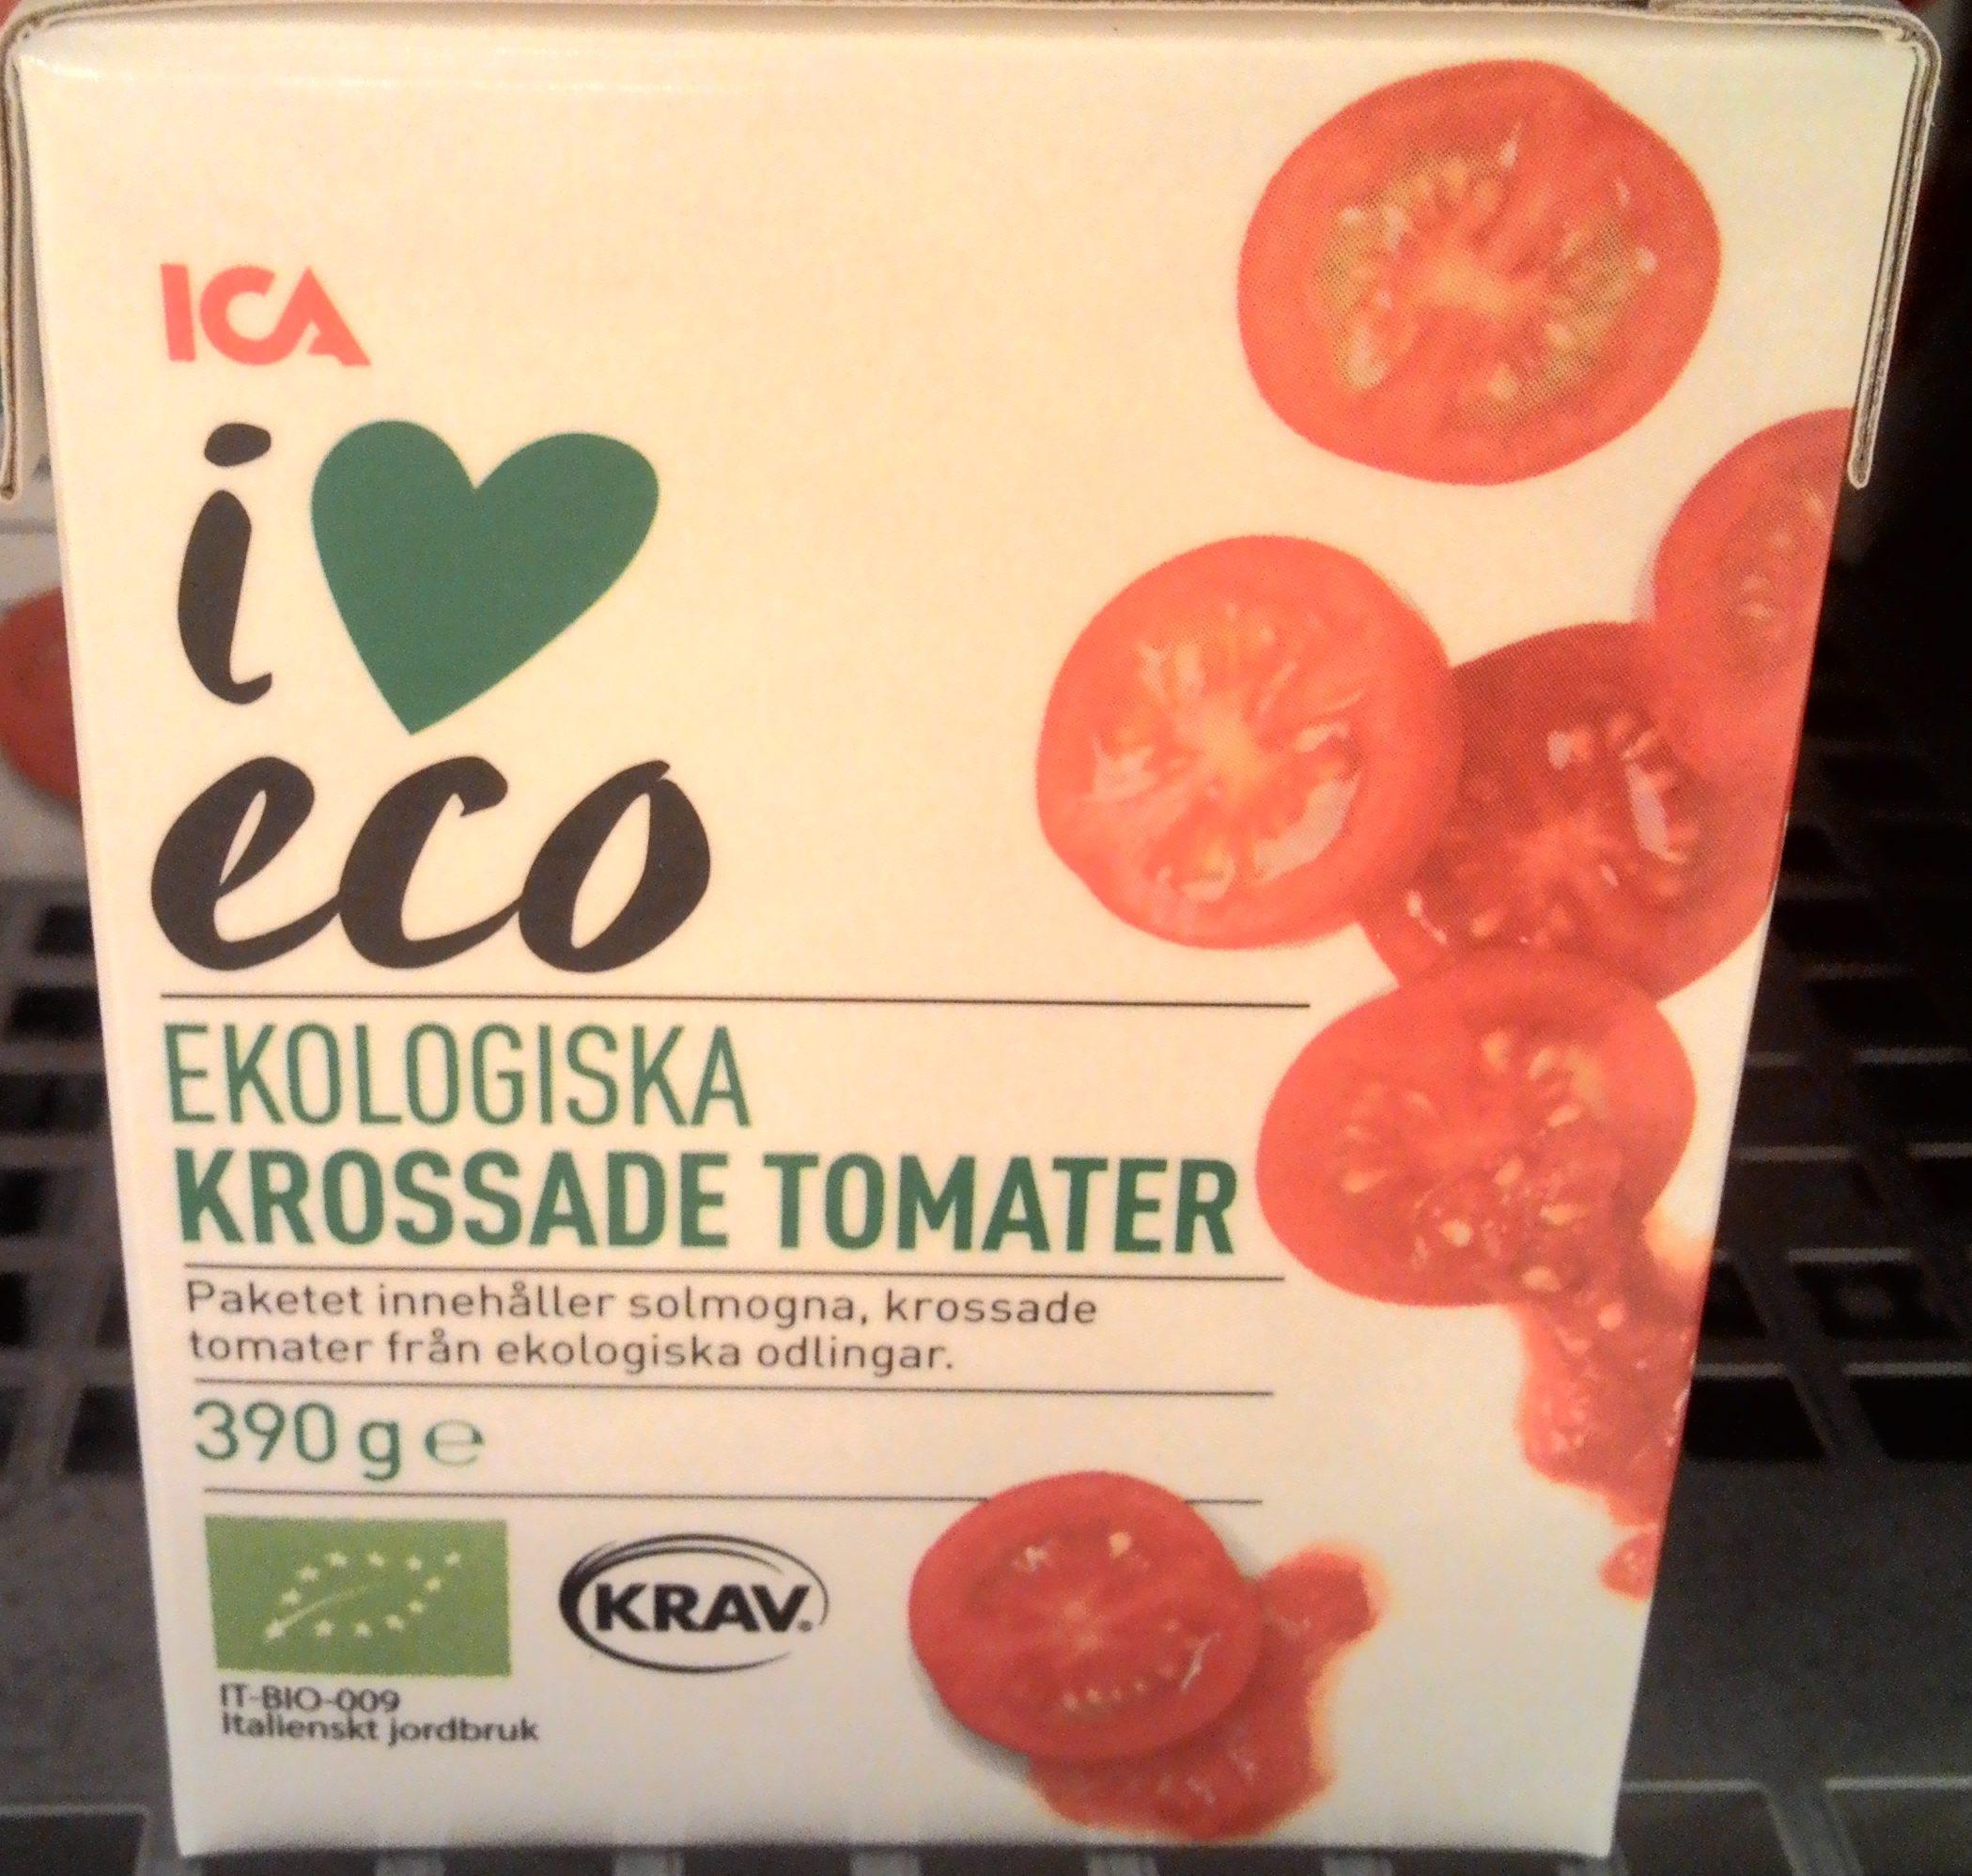 ica krossade tomater näringsvärde